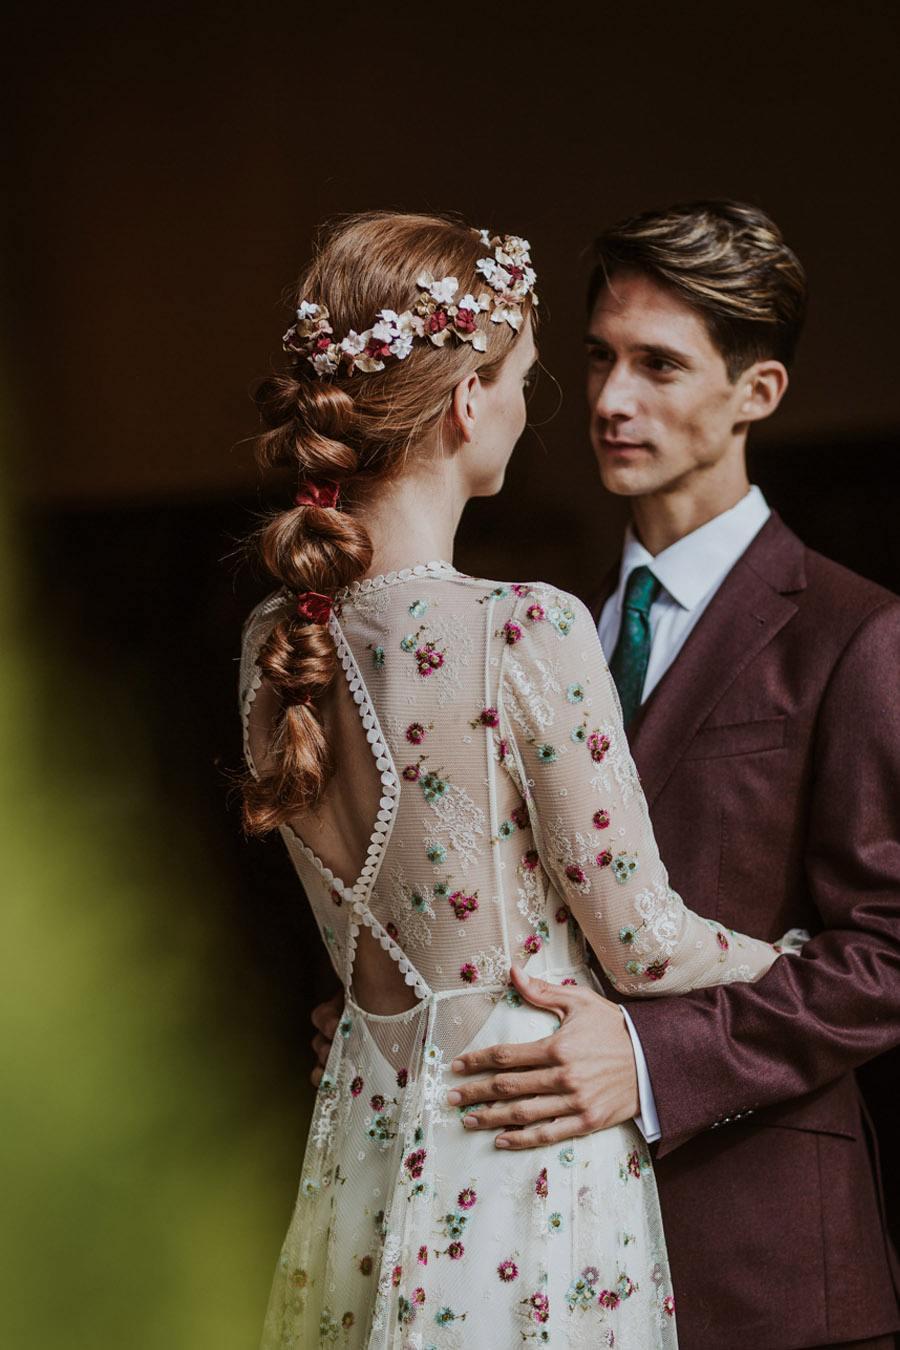 LOS TOCADOS ARTESANALES DE DIGOCCA boda-otoño-novios